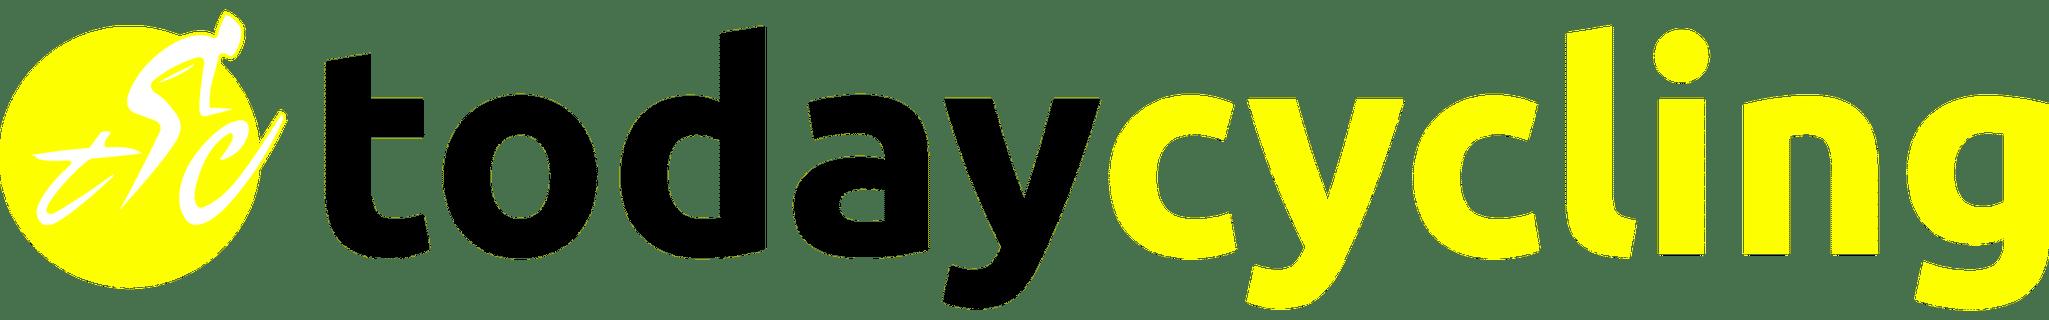 Cyclisme : actualité, les résultats de vélo, vidéo en direct live, Tour de France, Giro, Vuelta - TodayCycling